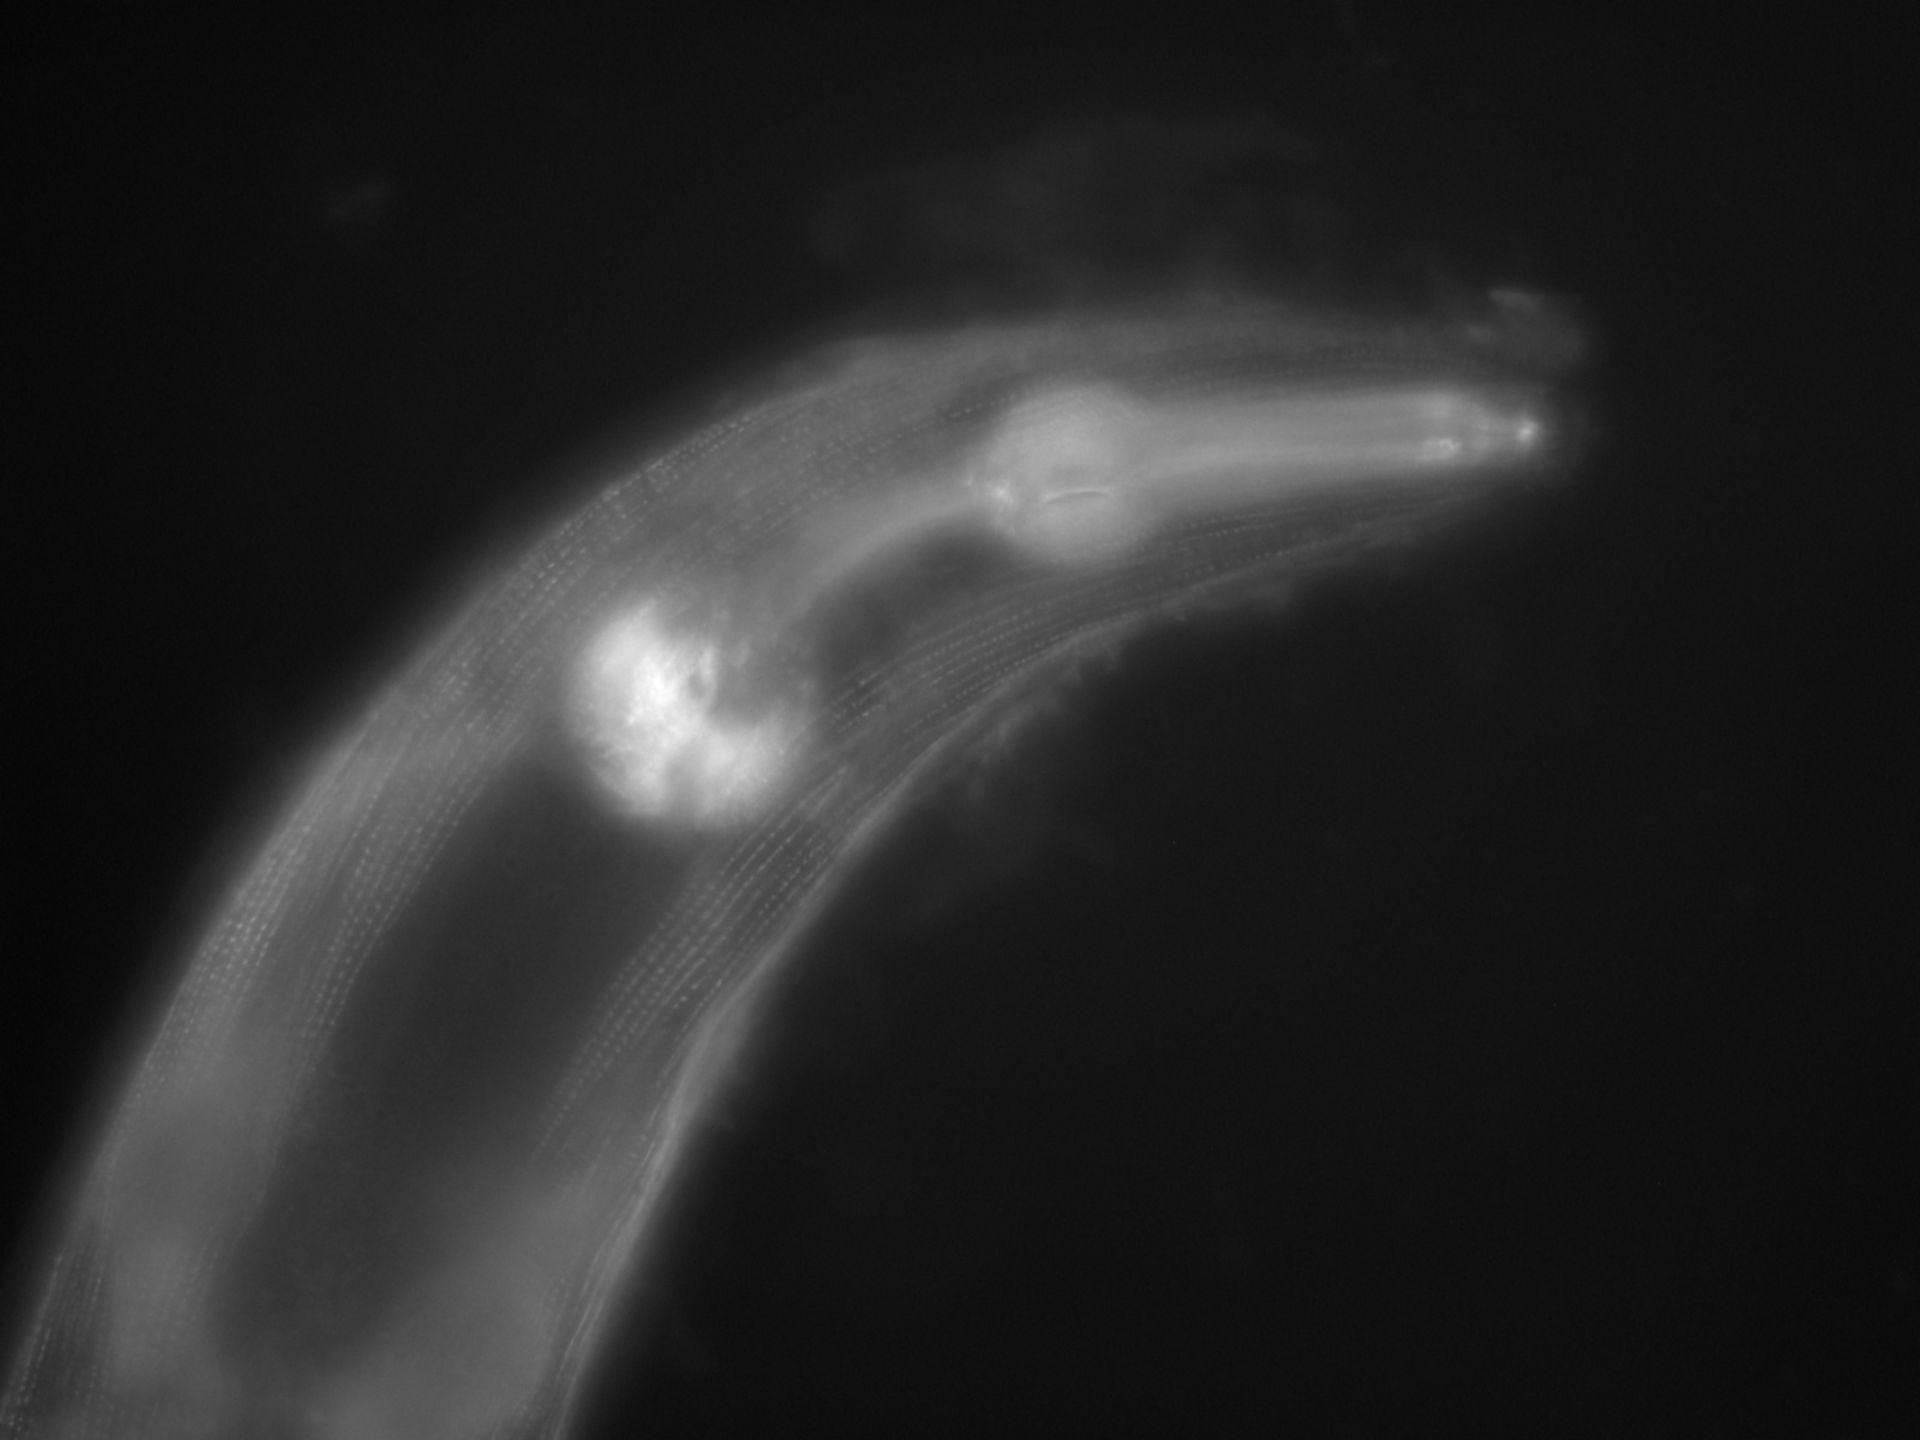 Caenorhabditis elegans (Actin filament) - CIL:1130